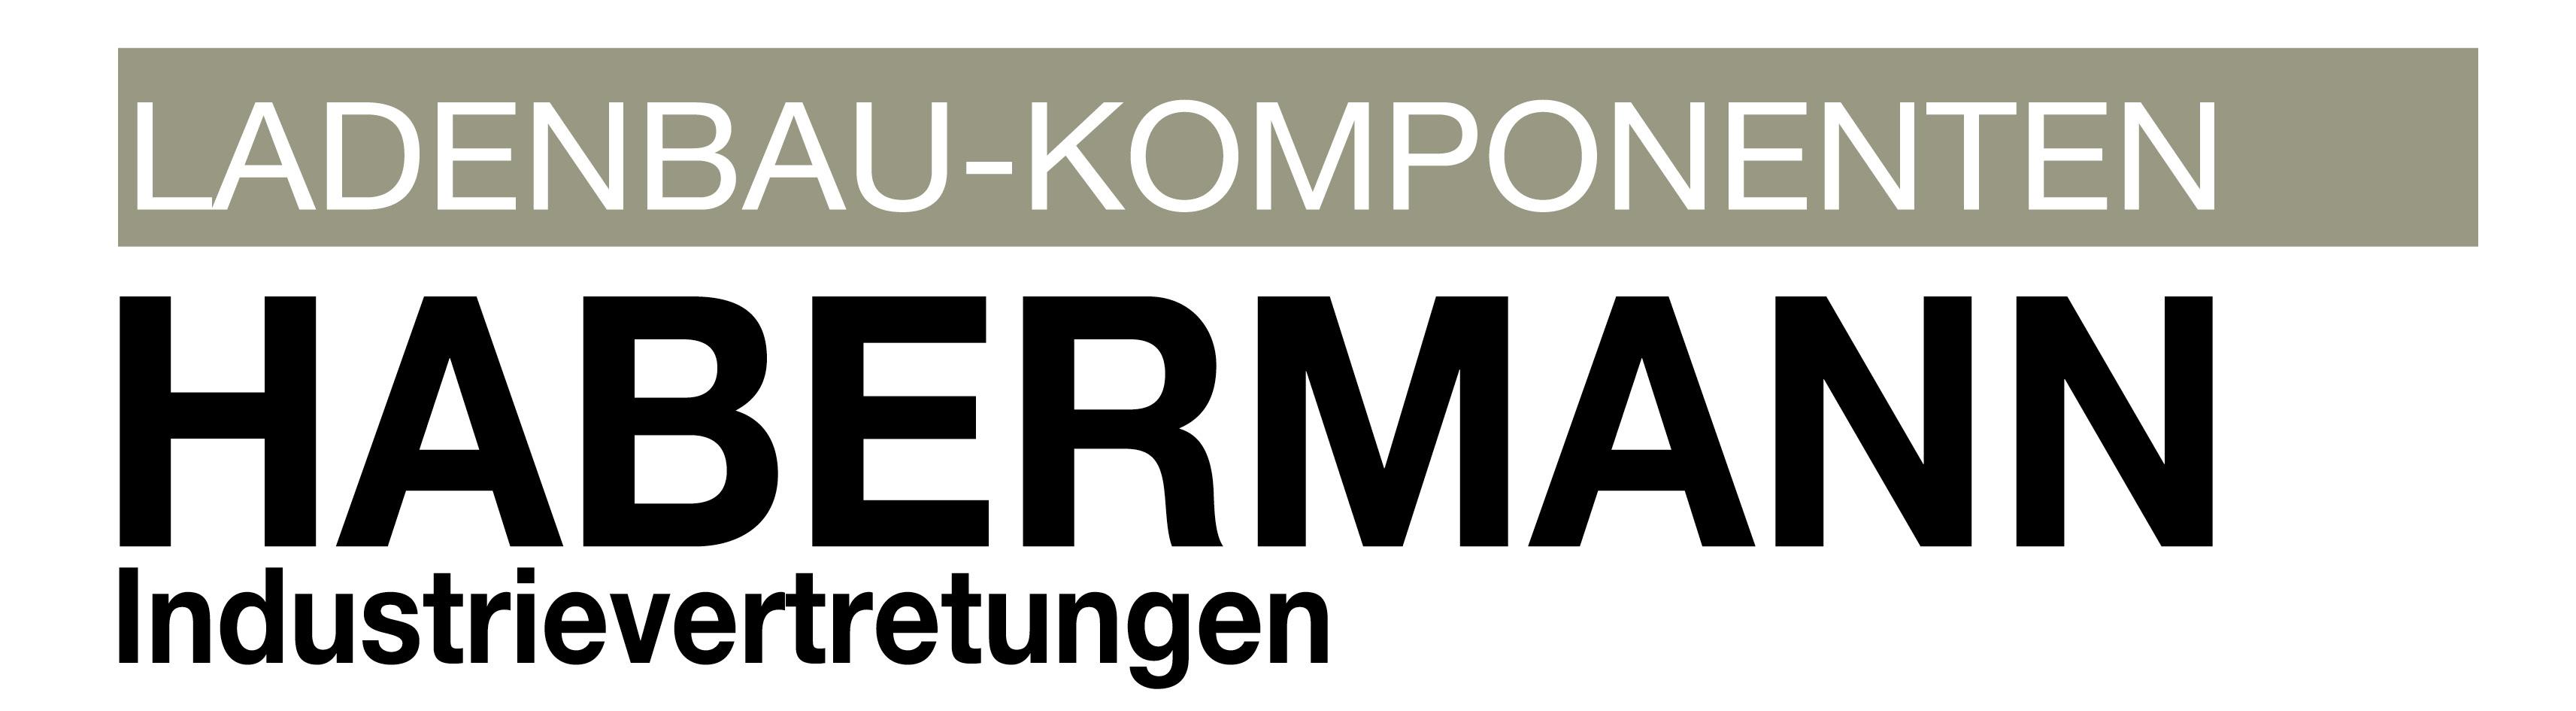 Ladenbau Komponenten - Habermann & Hennecke